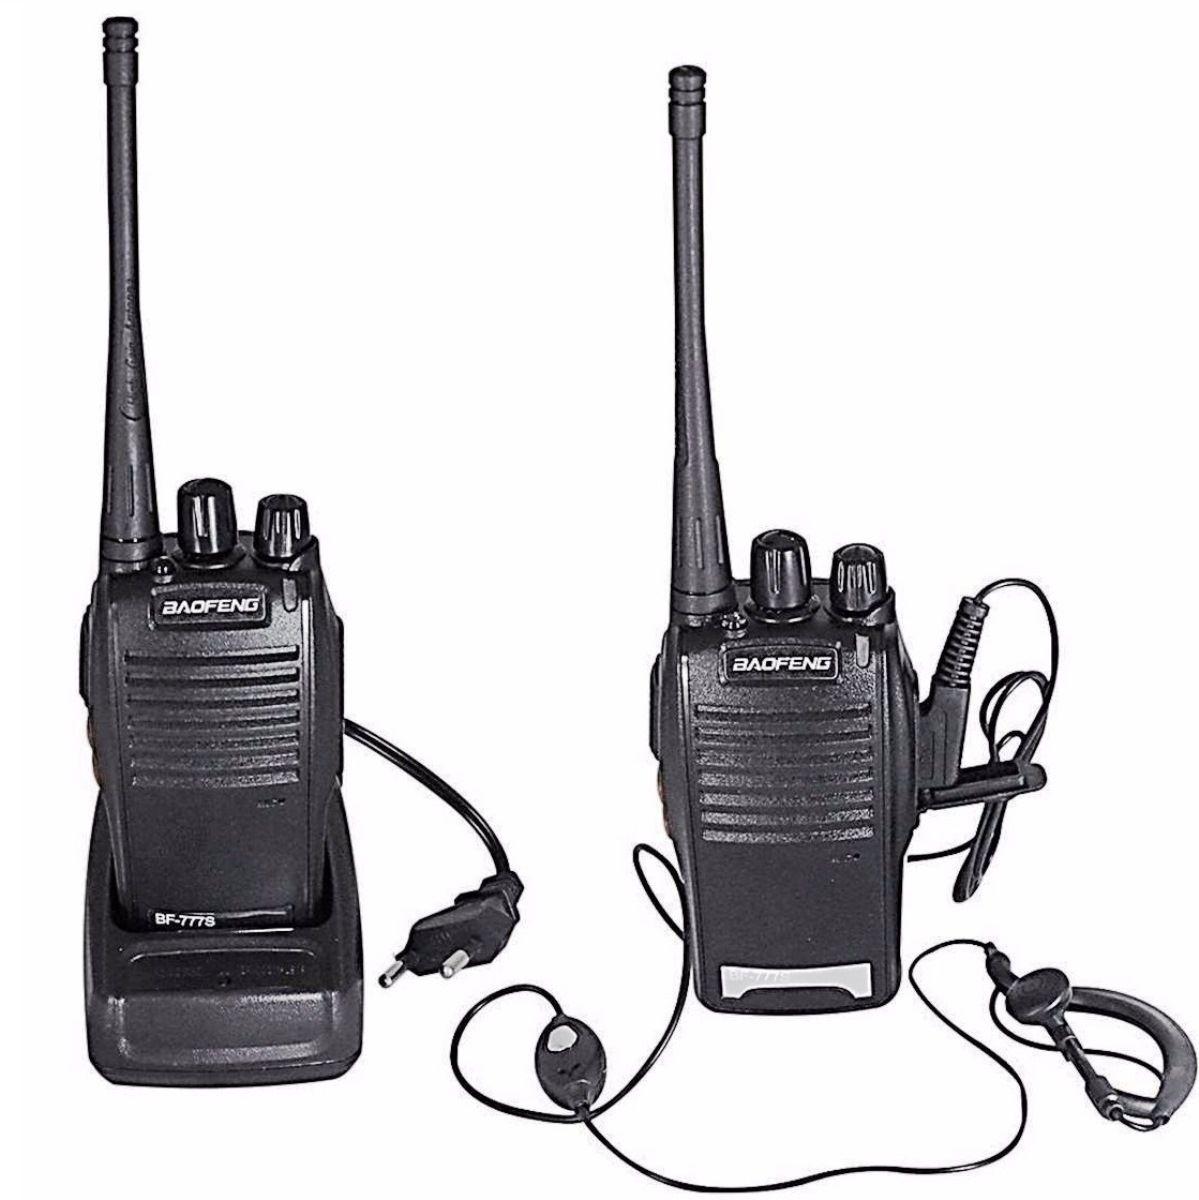 Radio Comunicador 777s Profissional Uhf Vhf 16 Canais Bivolt